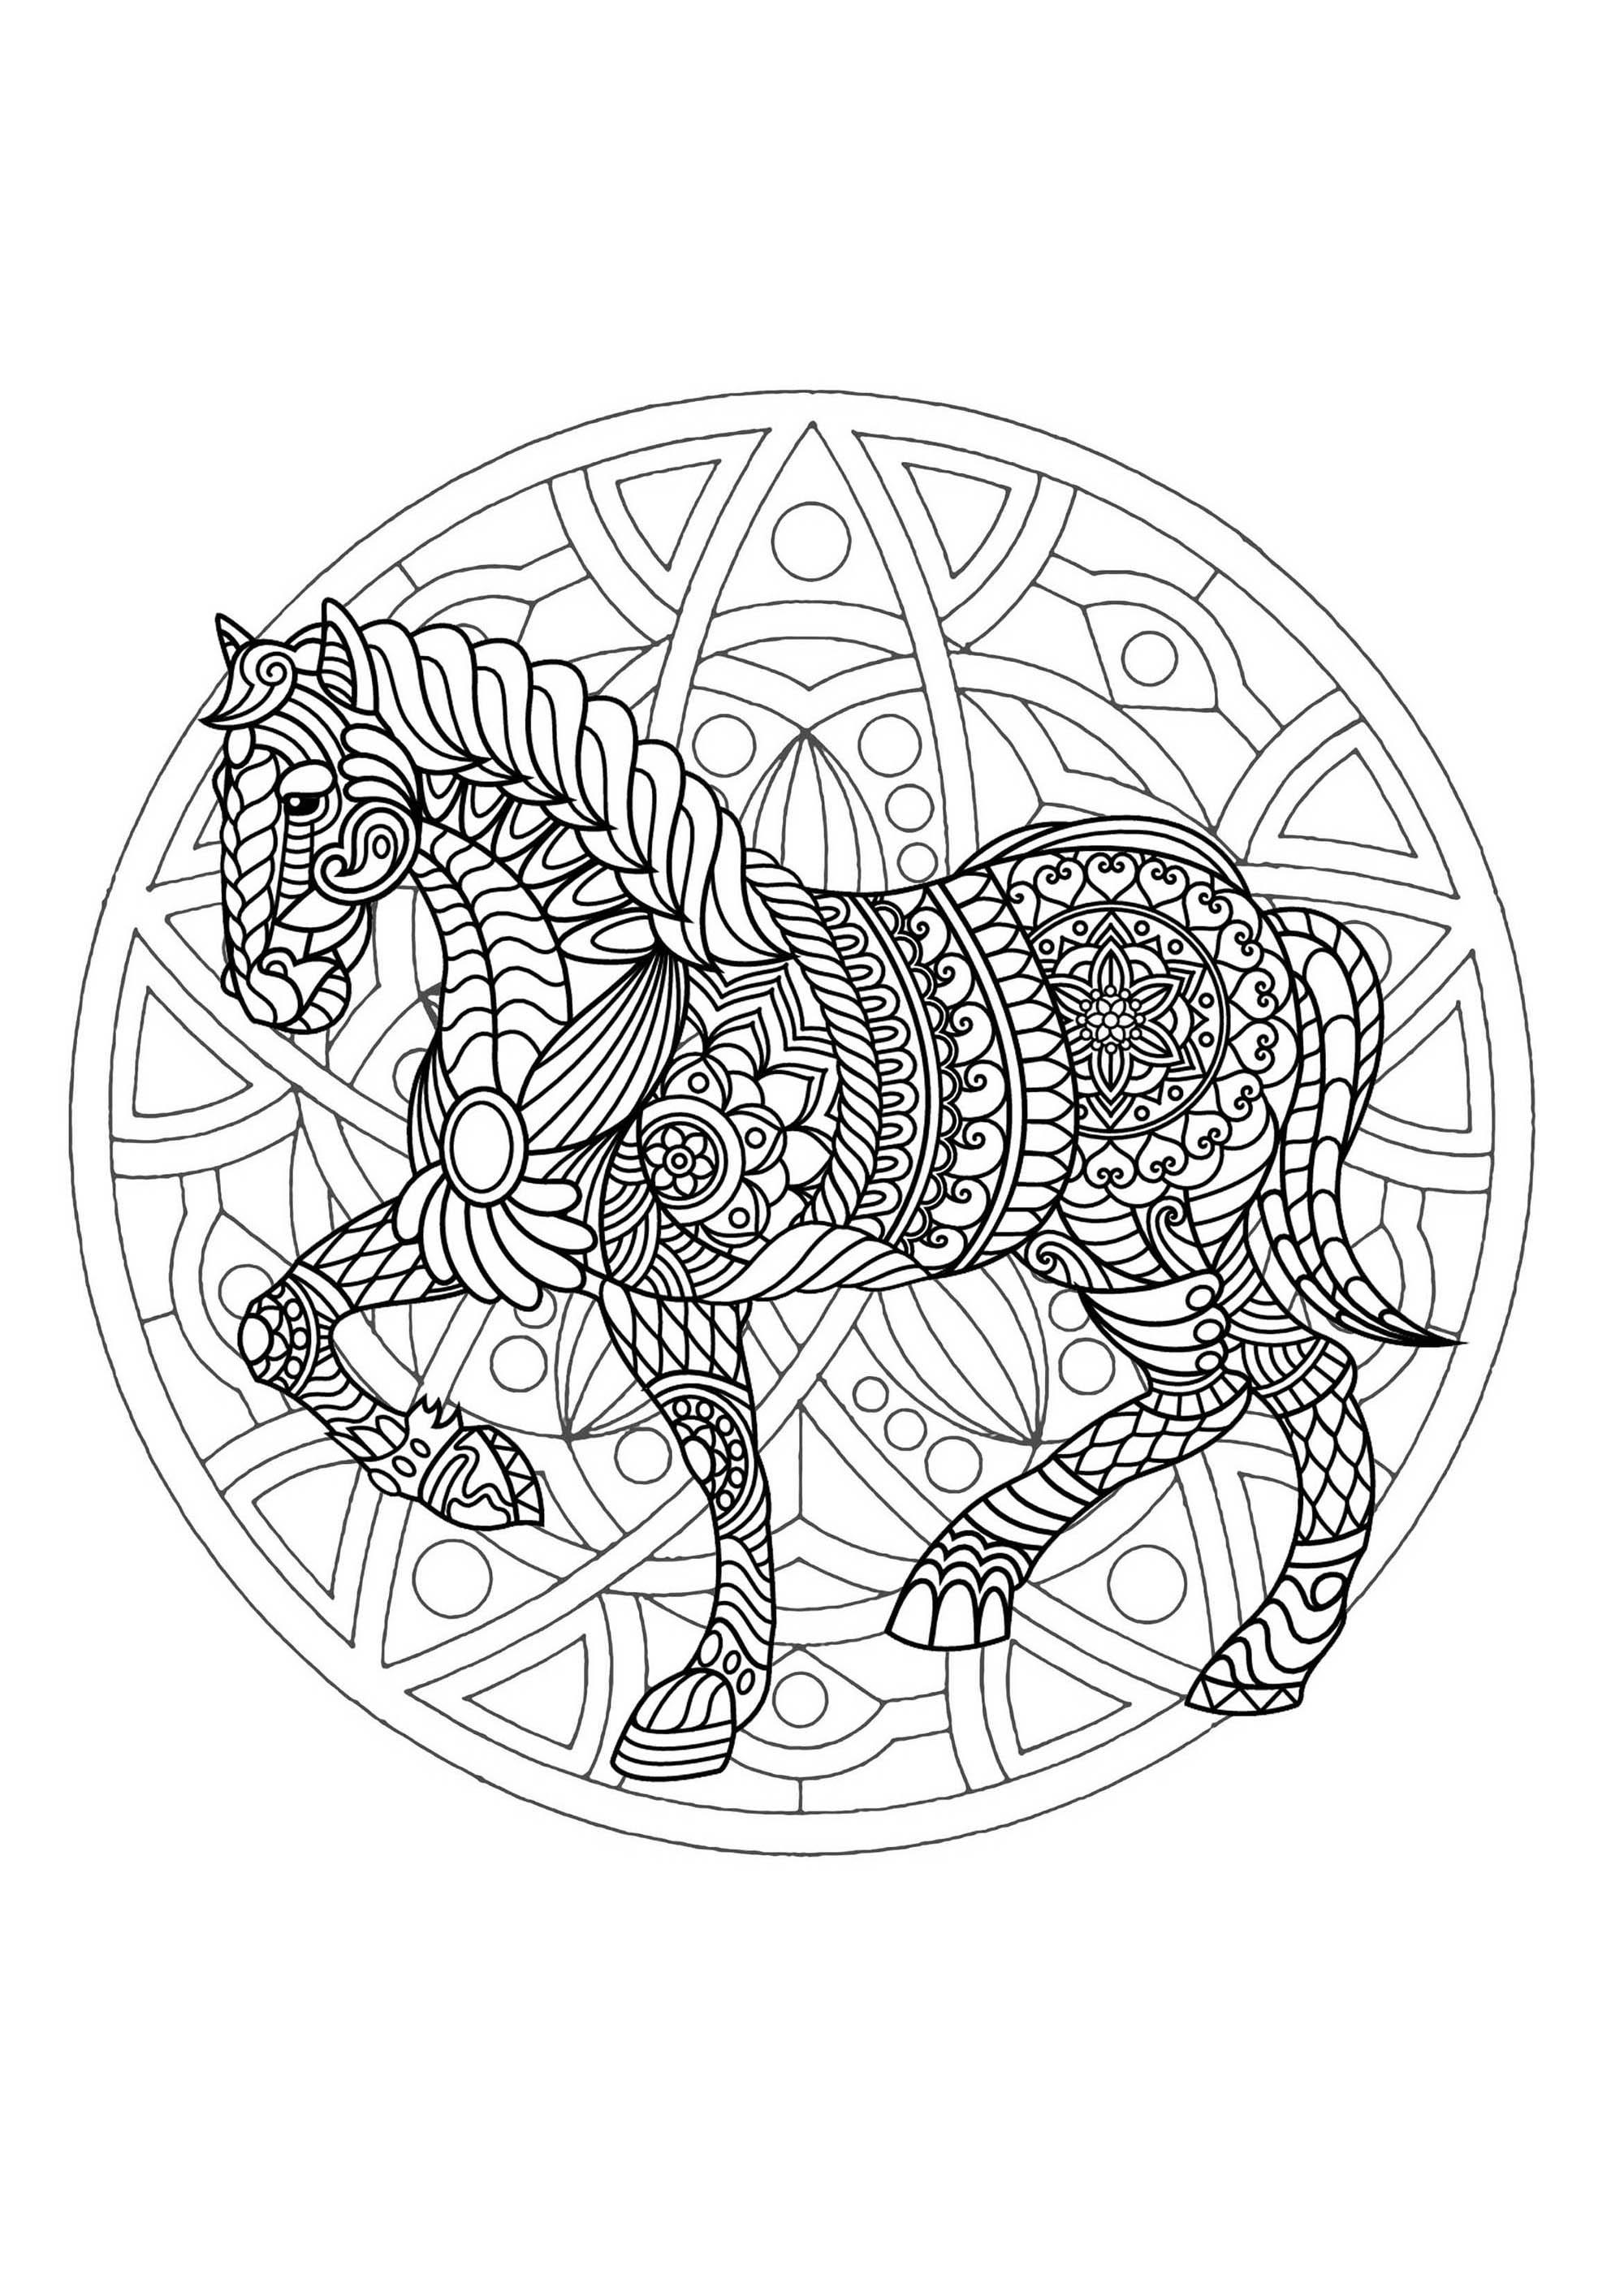 Mandala With Horse And Simple Geometric Patterns - M&Alas intérieur Coloriage À Imprimer Cheval Gratuit